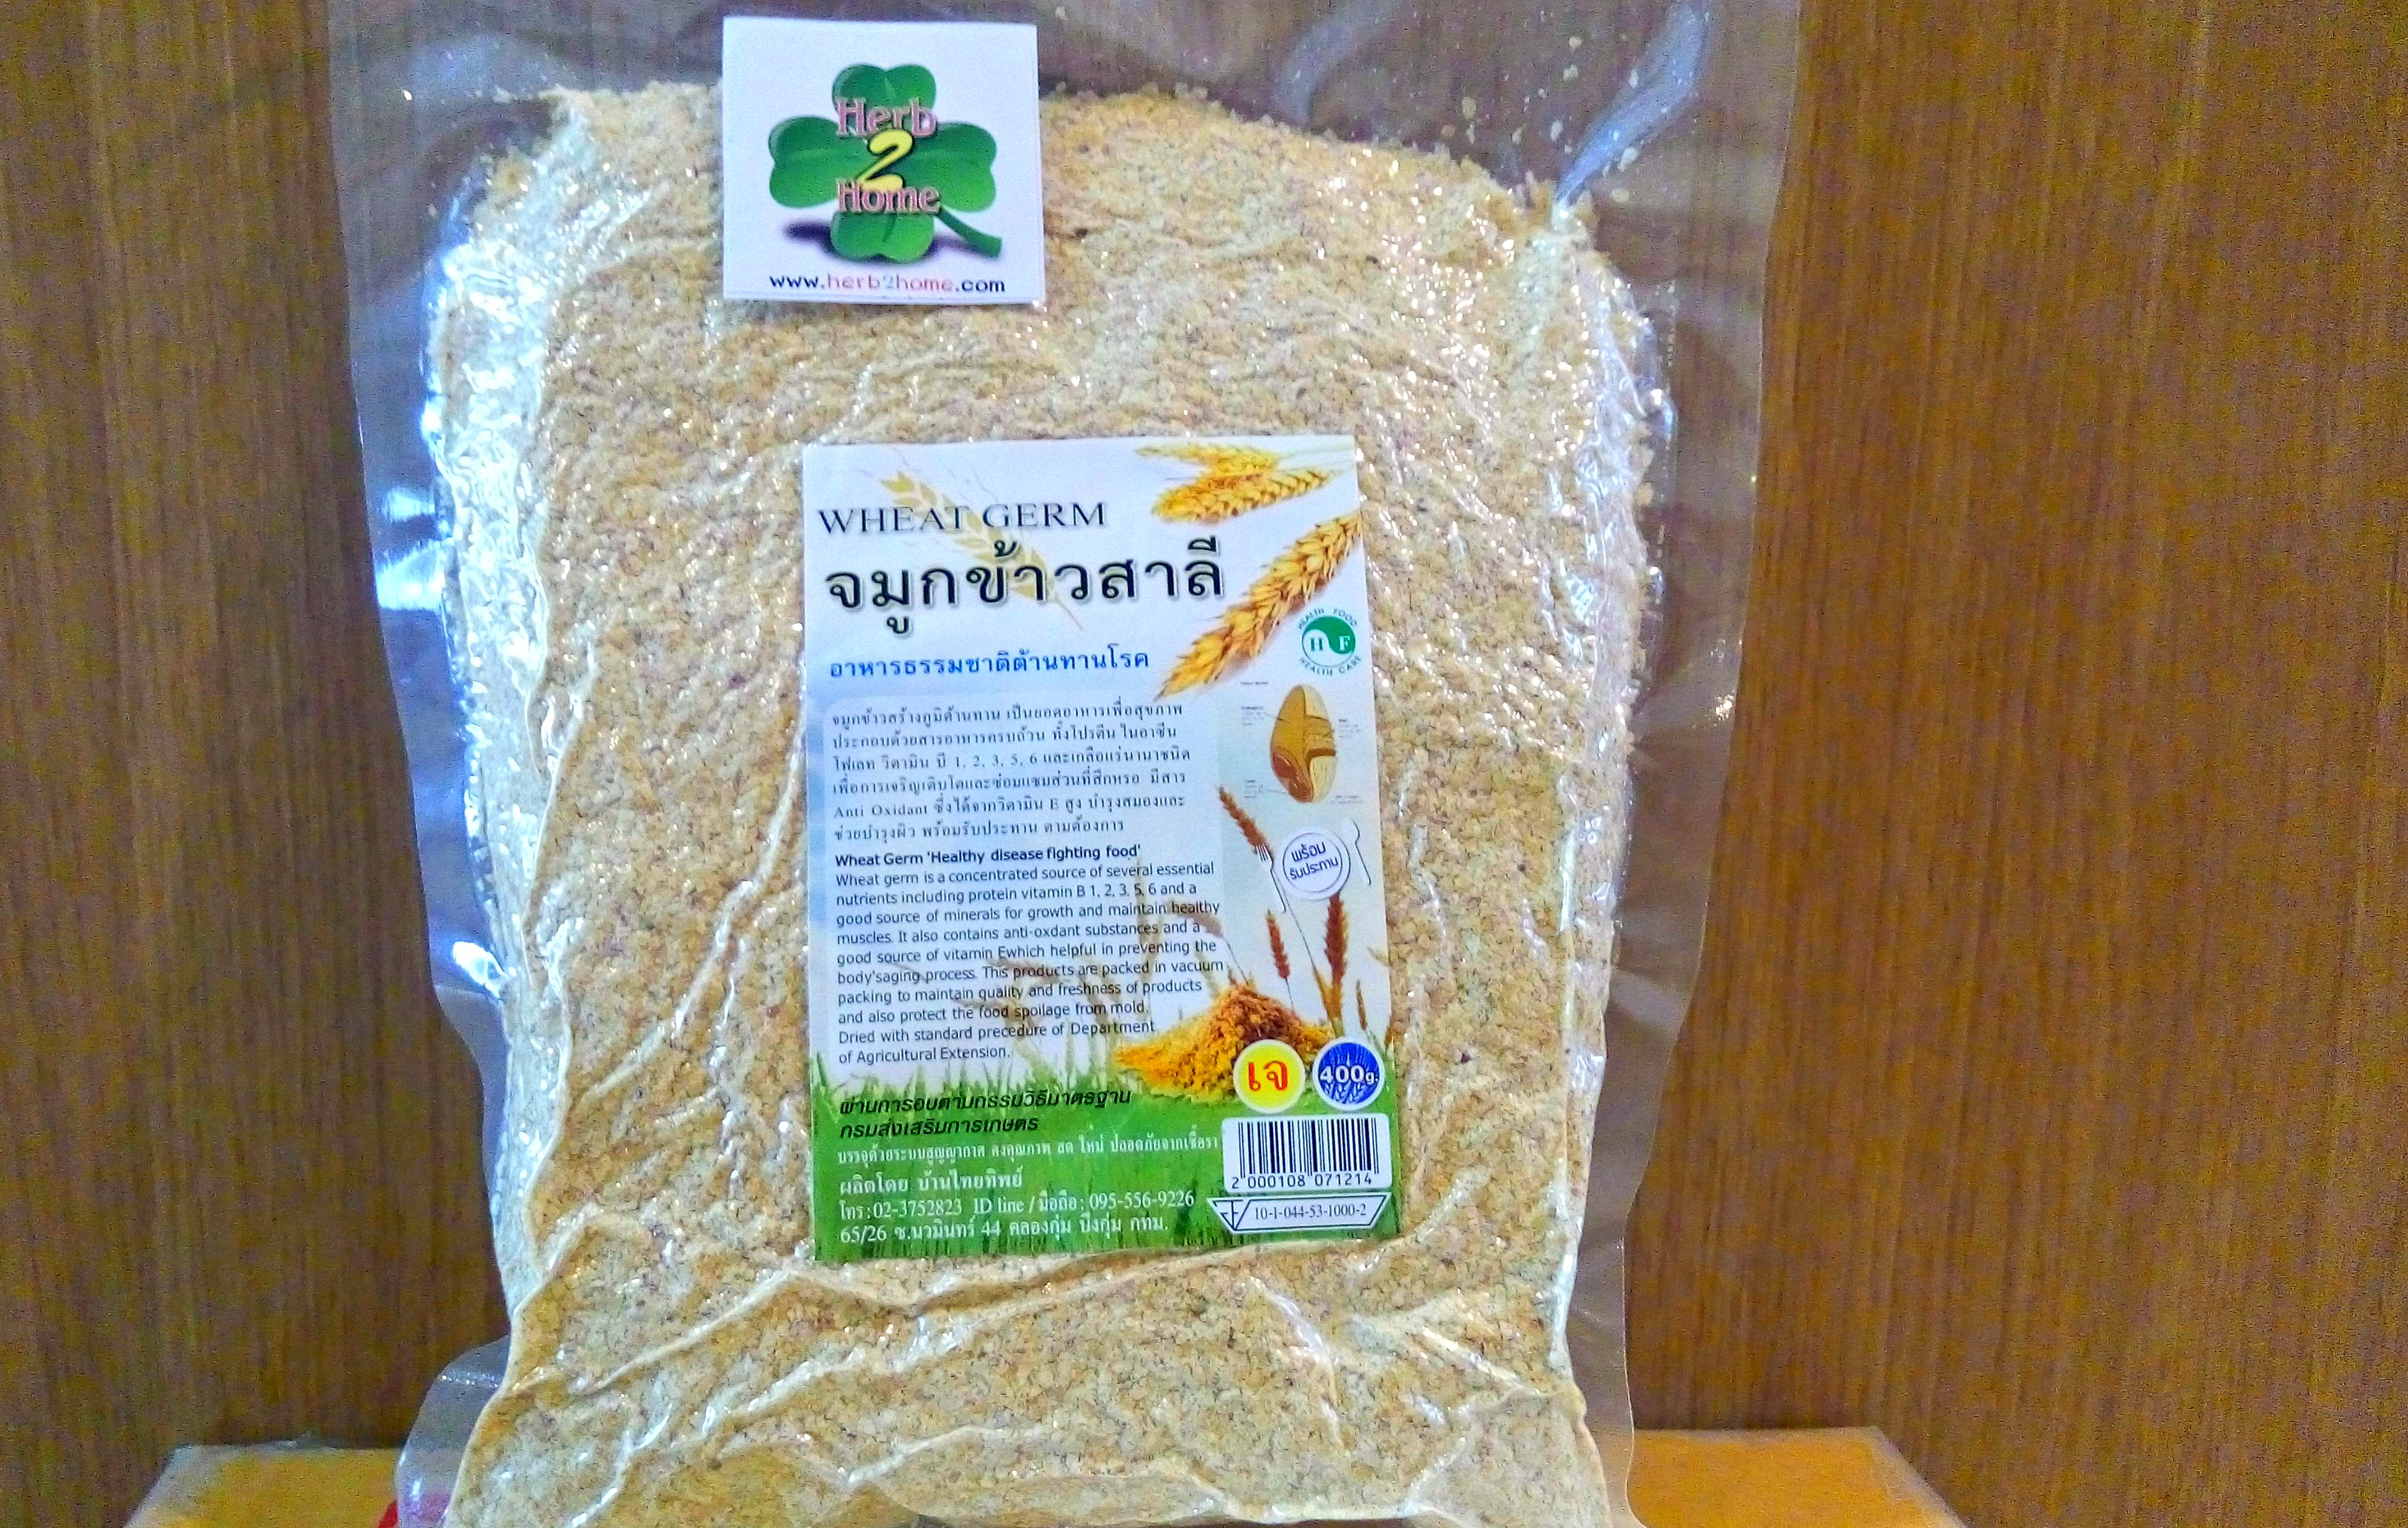 จมูกข้าวสาลี(400กรัม) อบแห้ง พร้อมรับประทาน (Wheat Germ) เพื่อการเจริญเติบโต ชะลอความแก่